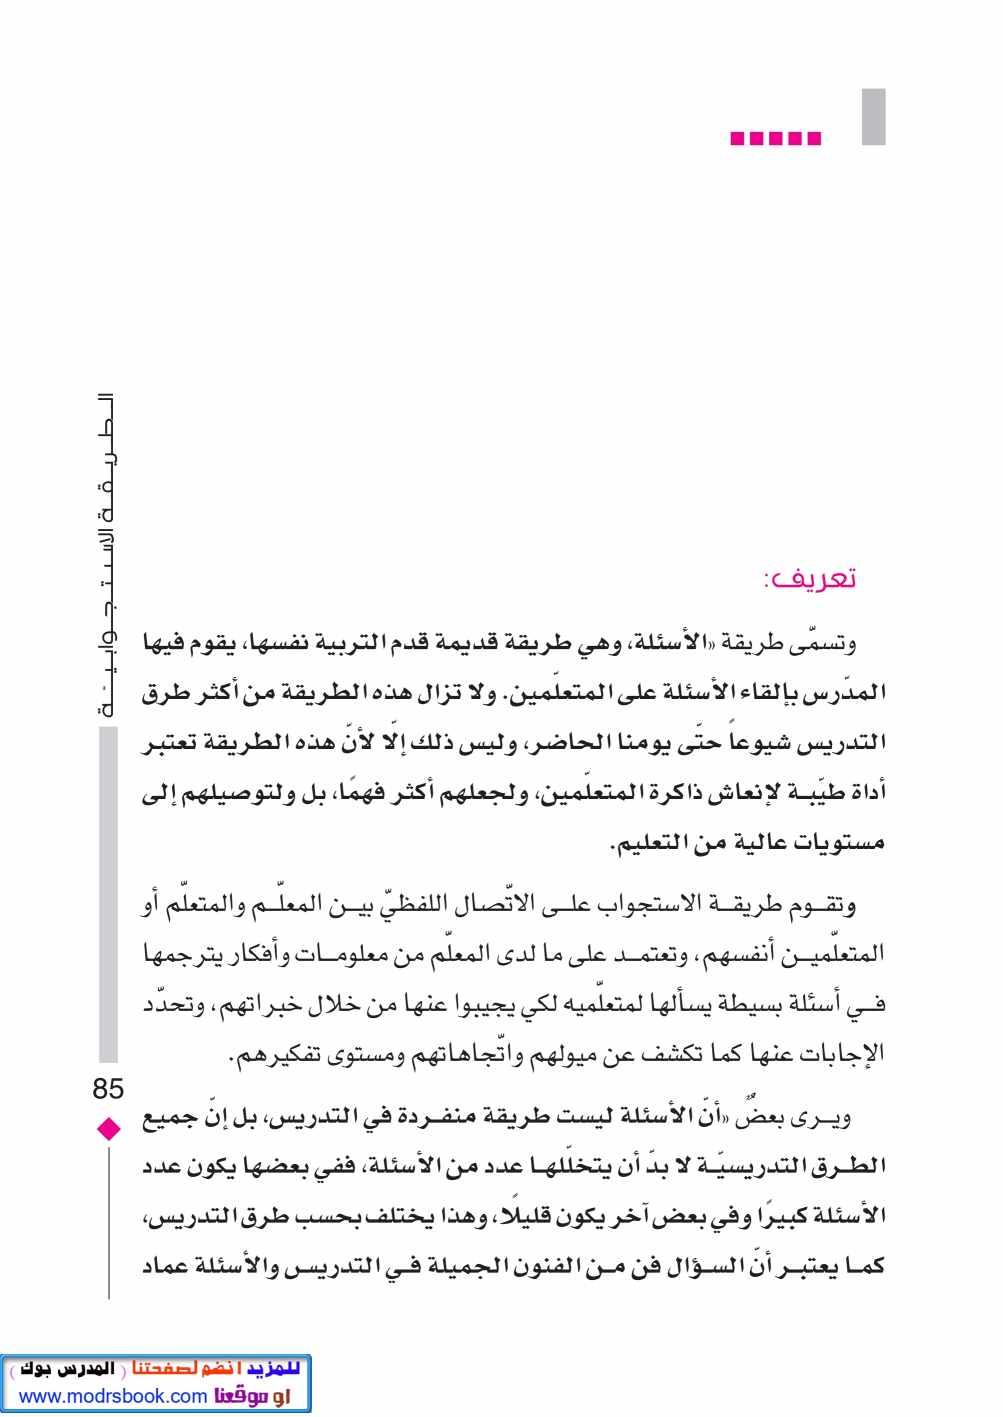 تحميل كتاب طرائق التدريس واستراتيجياته محمد محمود الحيلة pdf